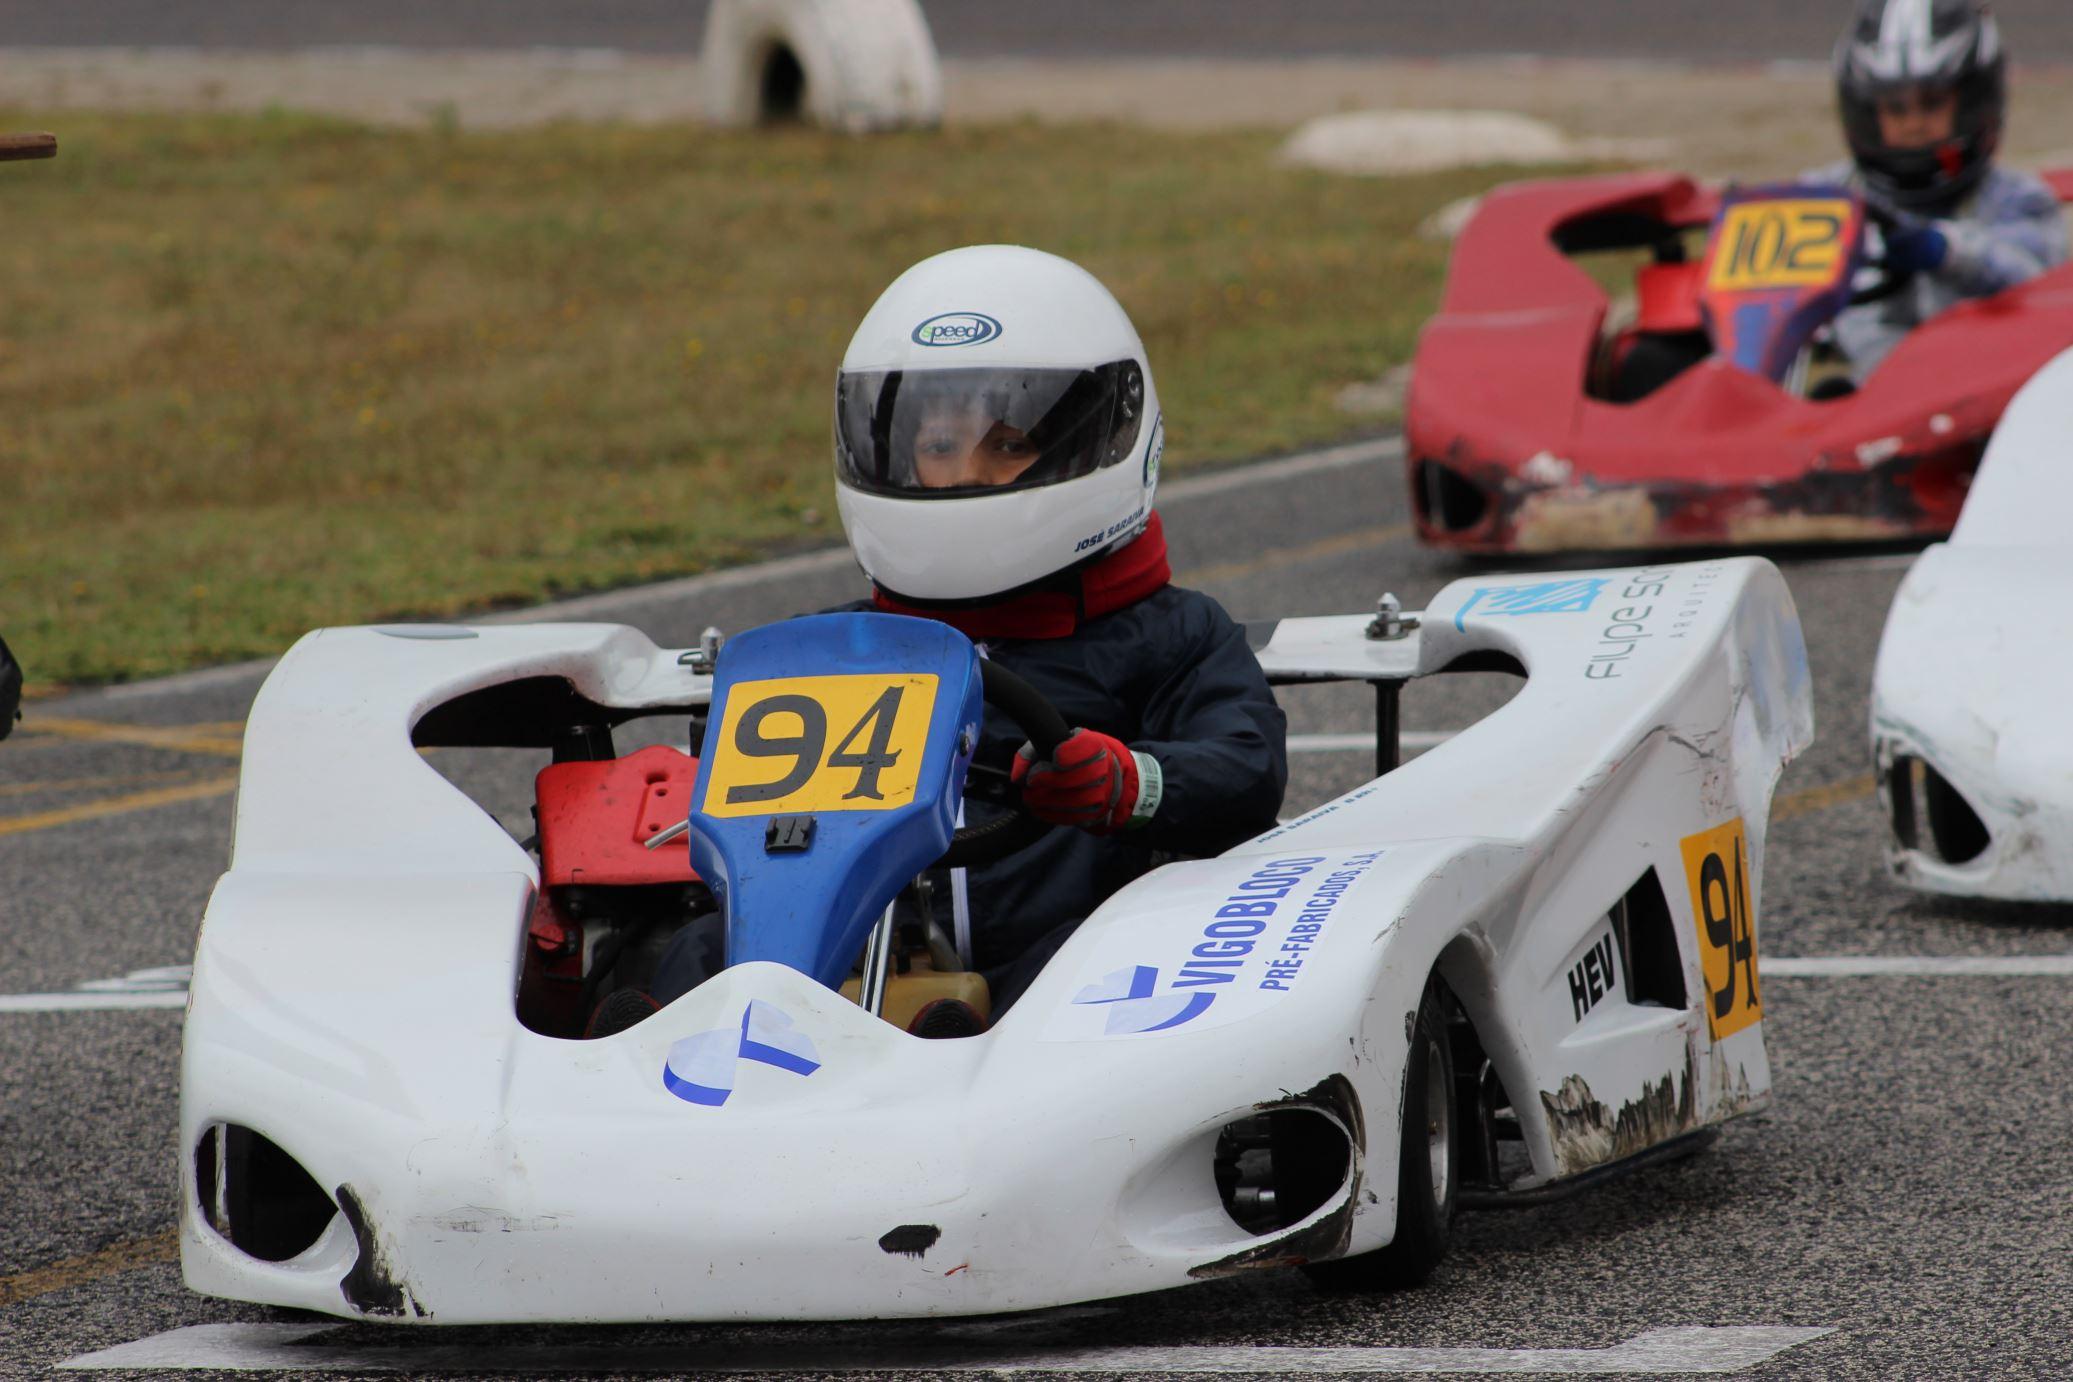 Troféu Honda 2014 - 2ª Prova139